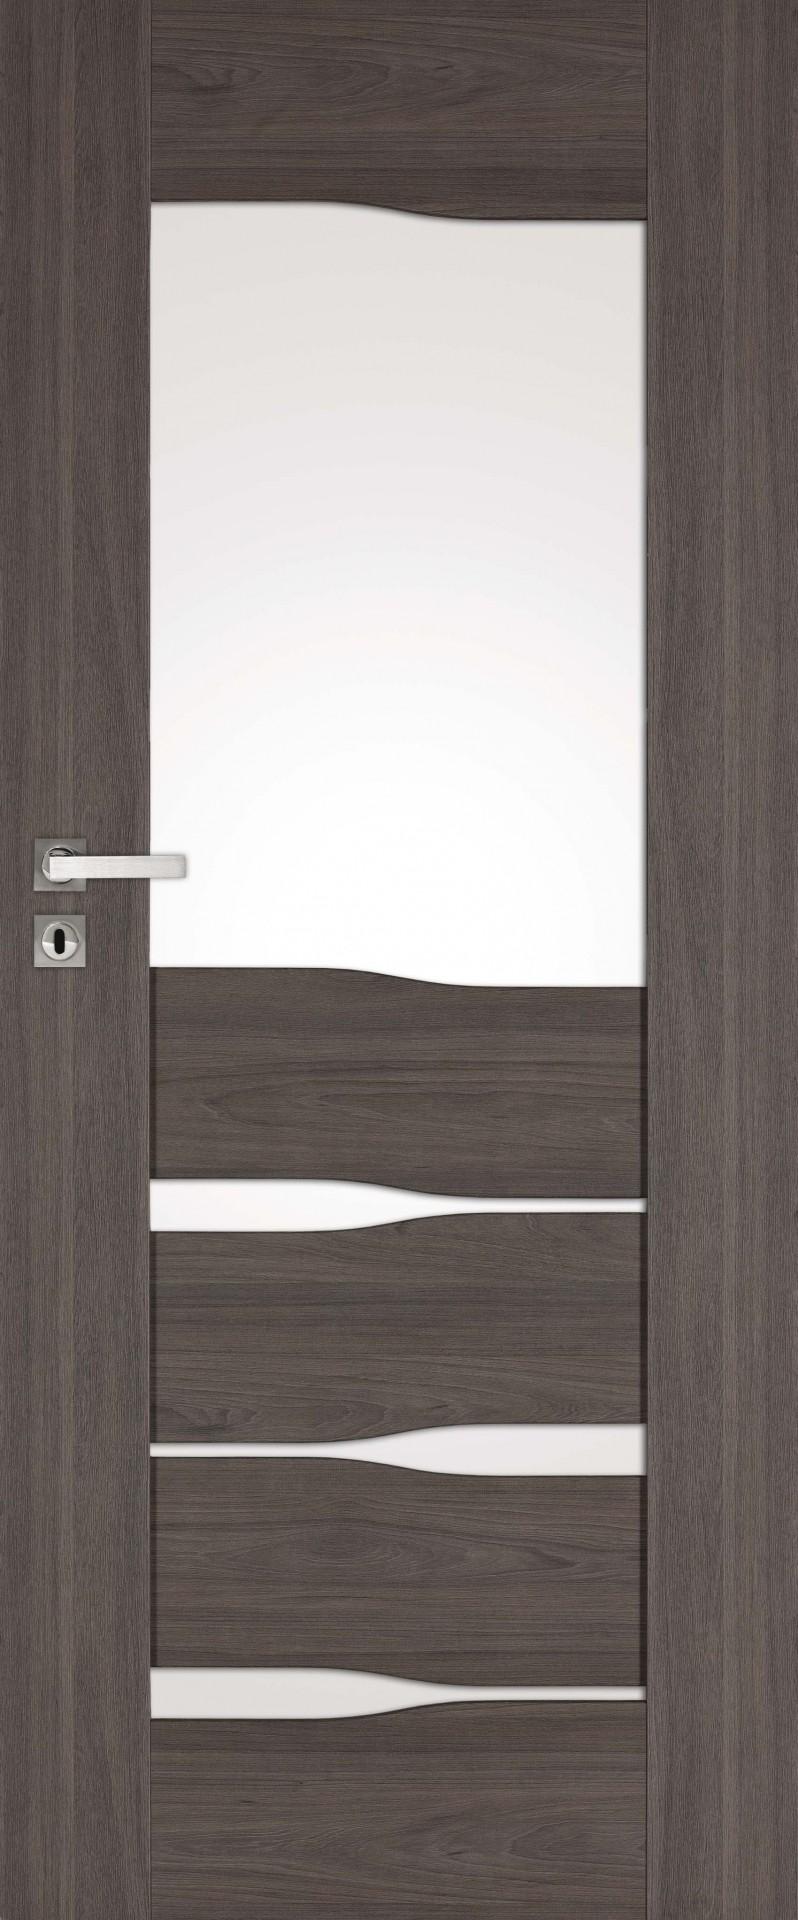 Dre dveře EMENA 2, Šíře v cm 80